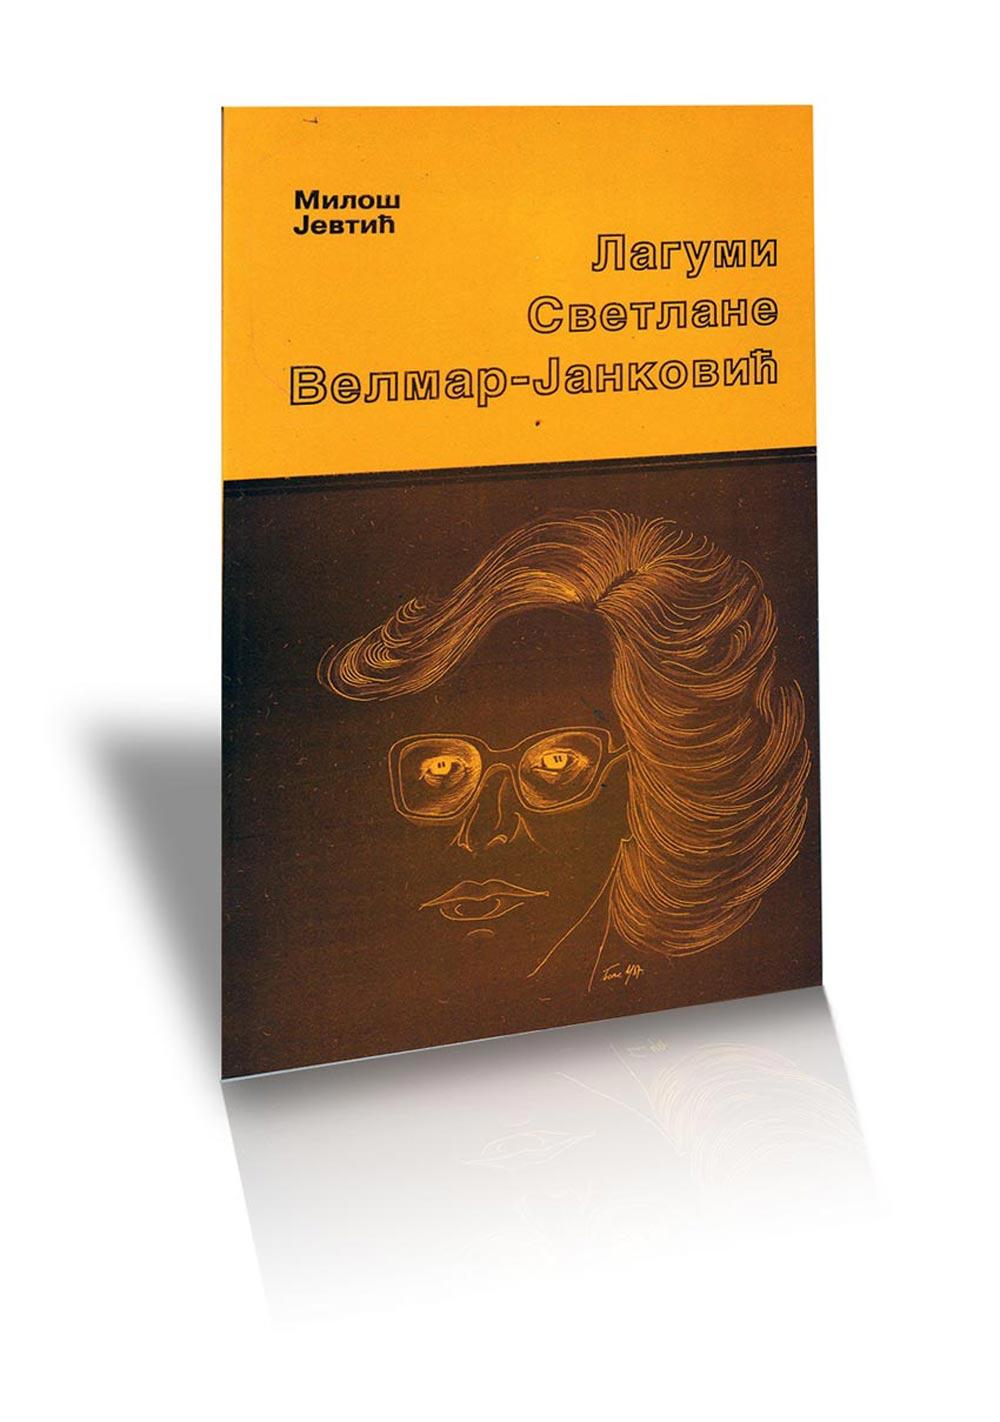 Lagumi Svetlane Velmar-Janković